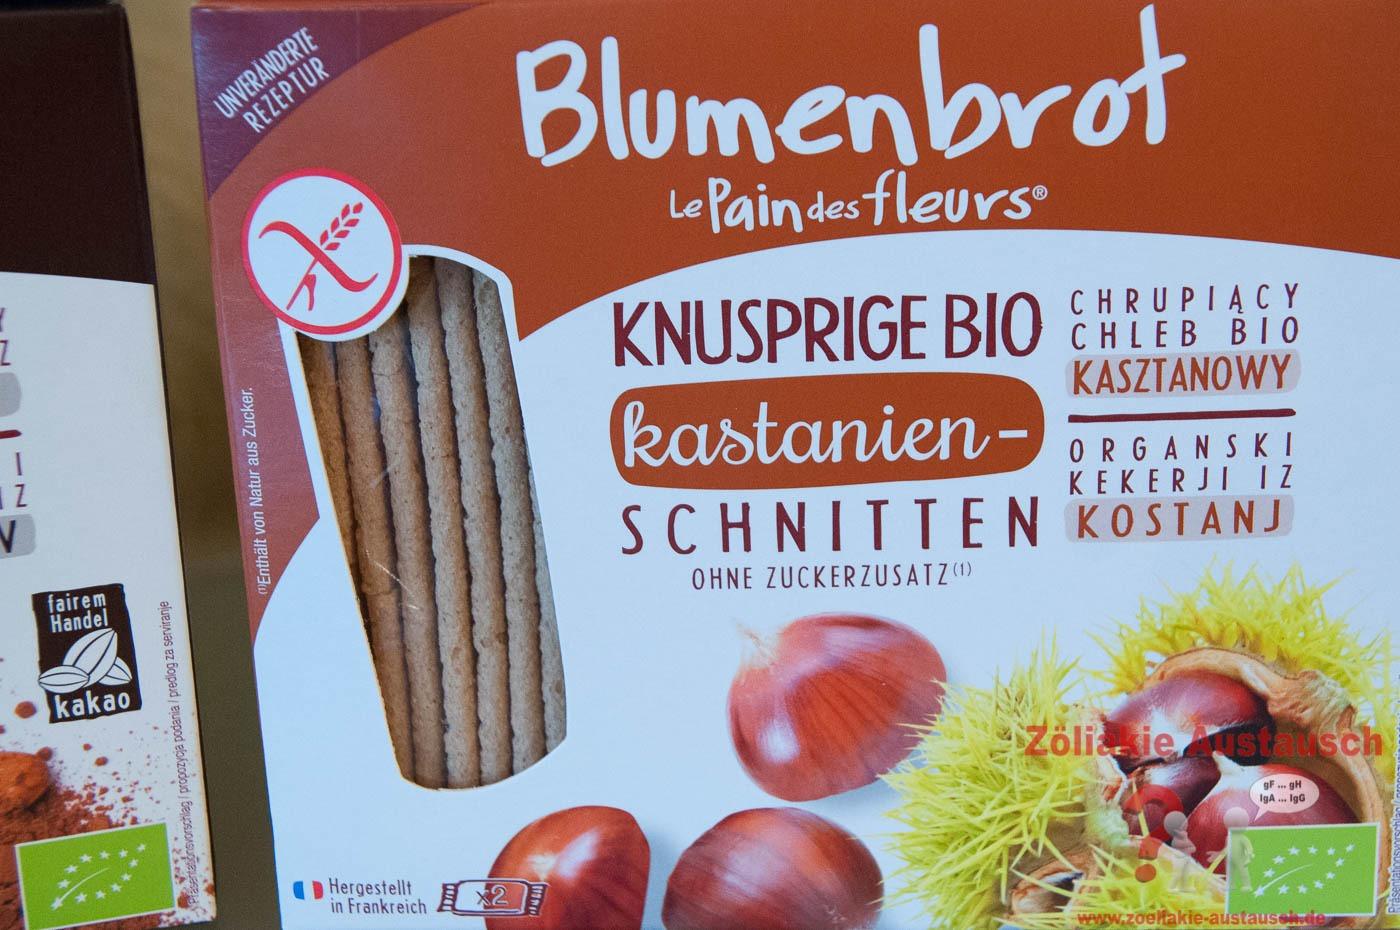 Zoeliakie_Austausch_Blumenbrot-005